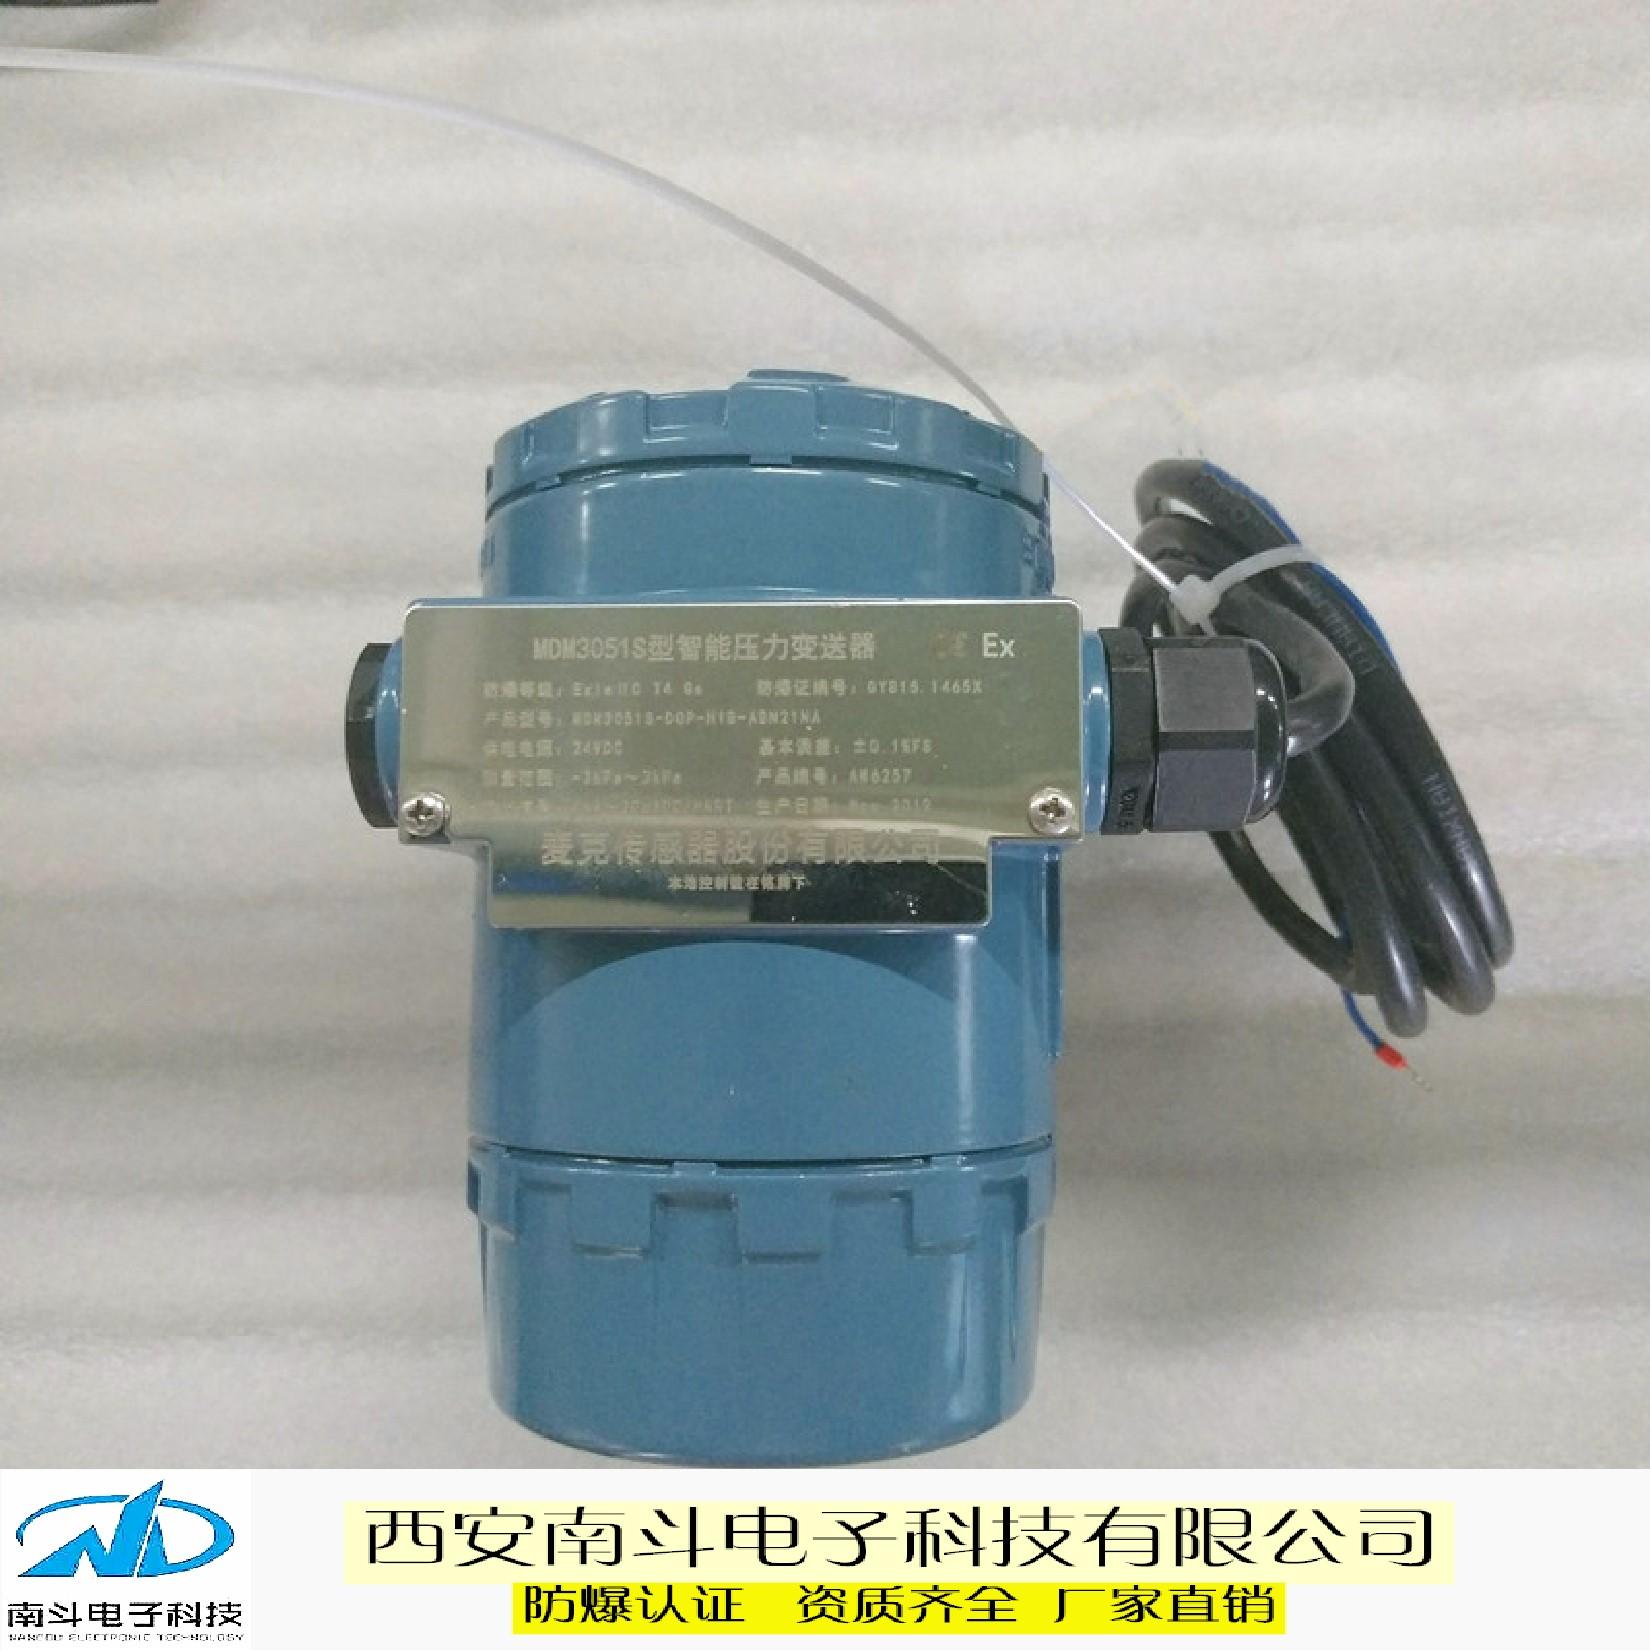 油气回收在线监测系统 稳定的油气在线监测仪报价 操作简单